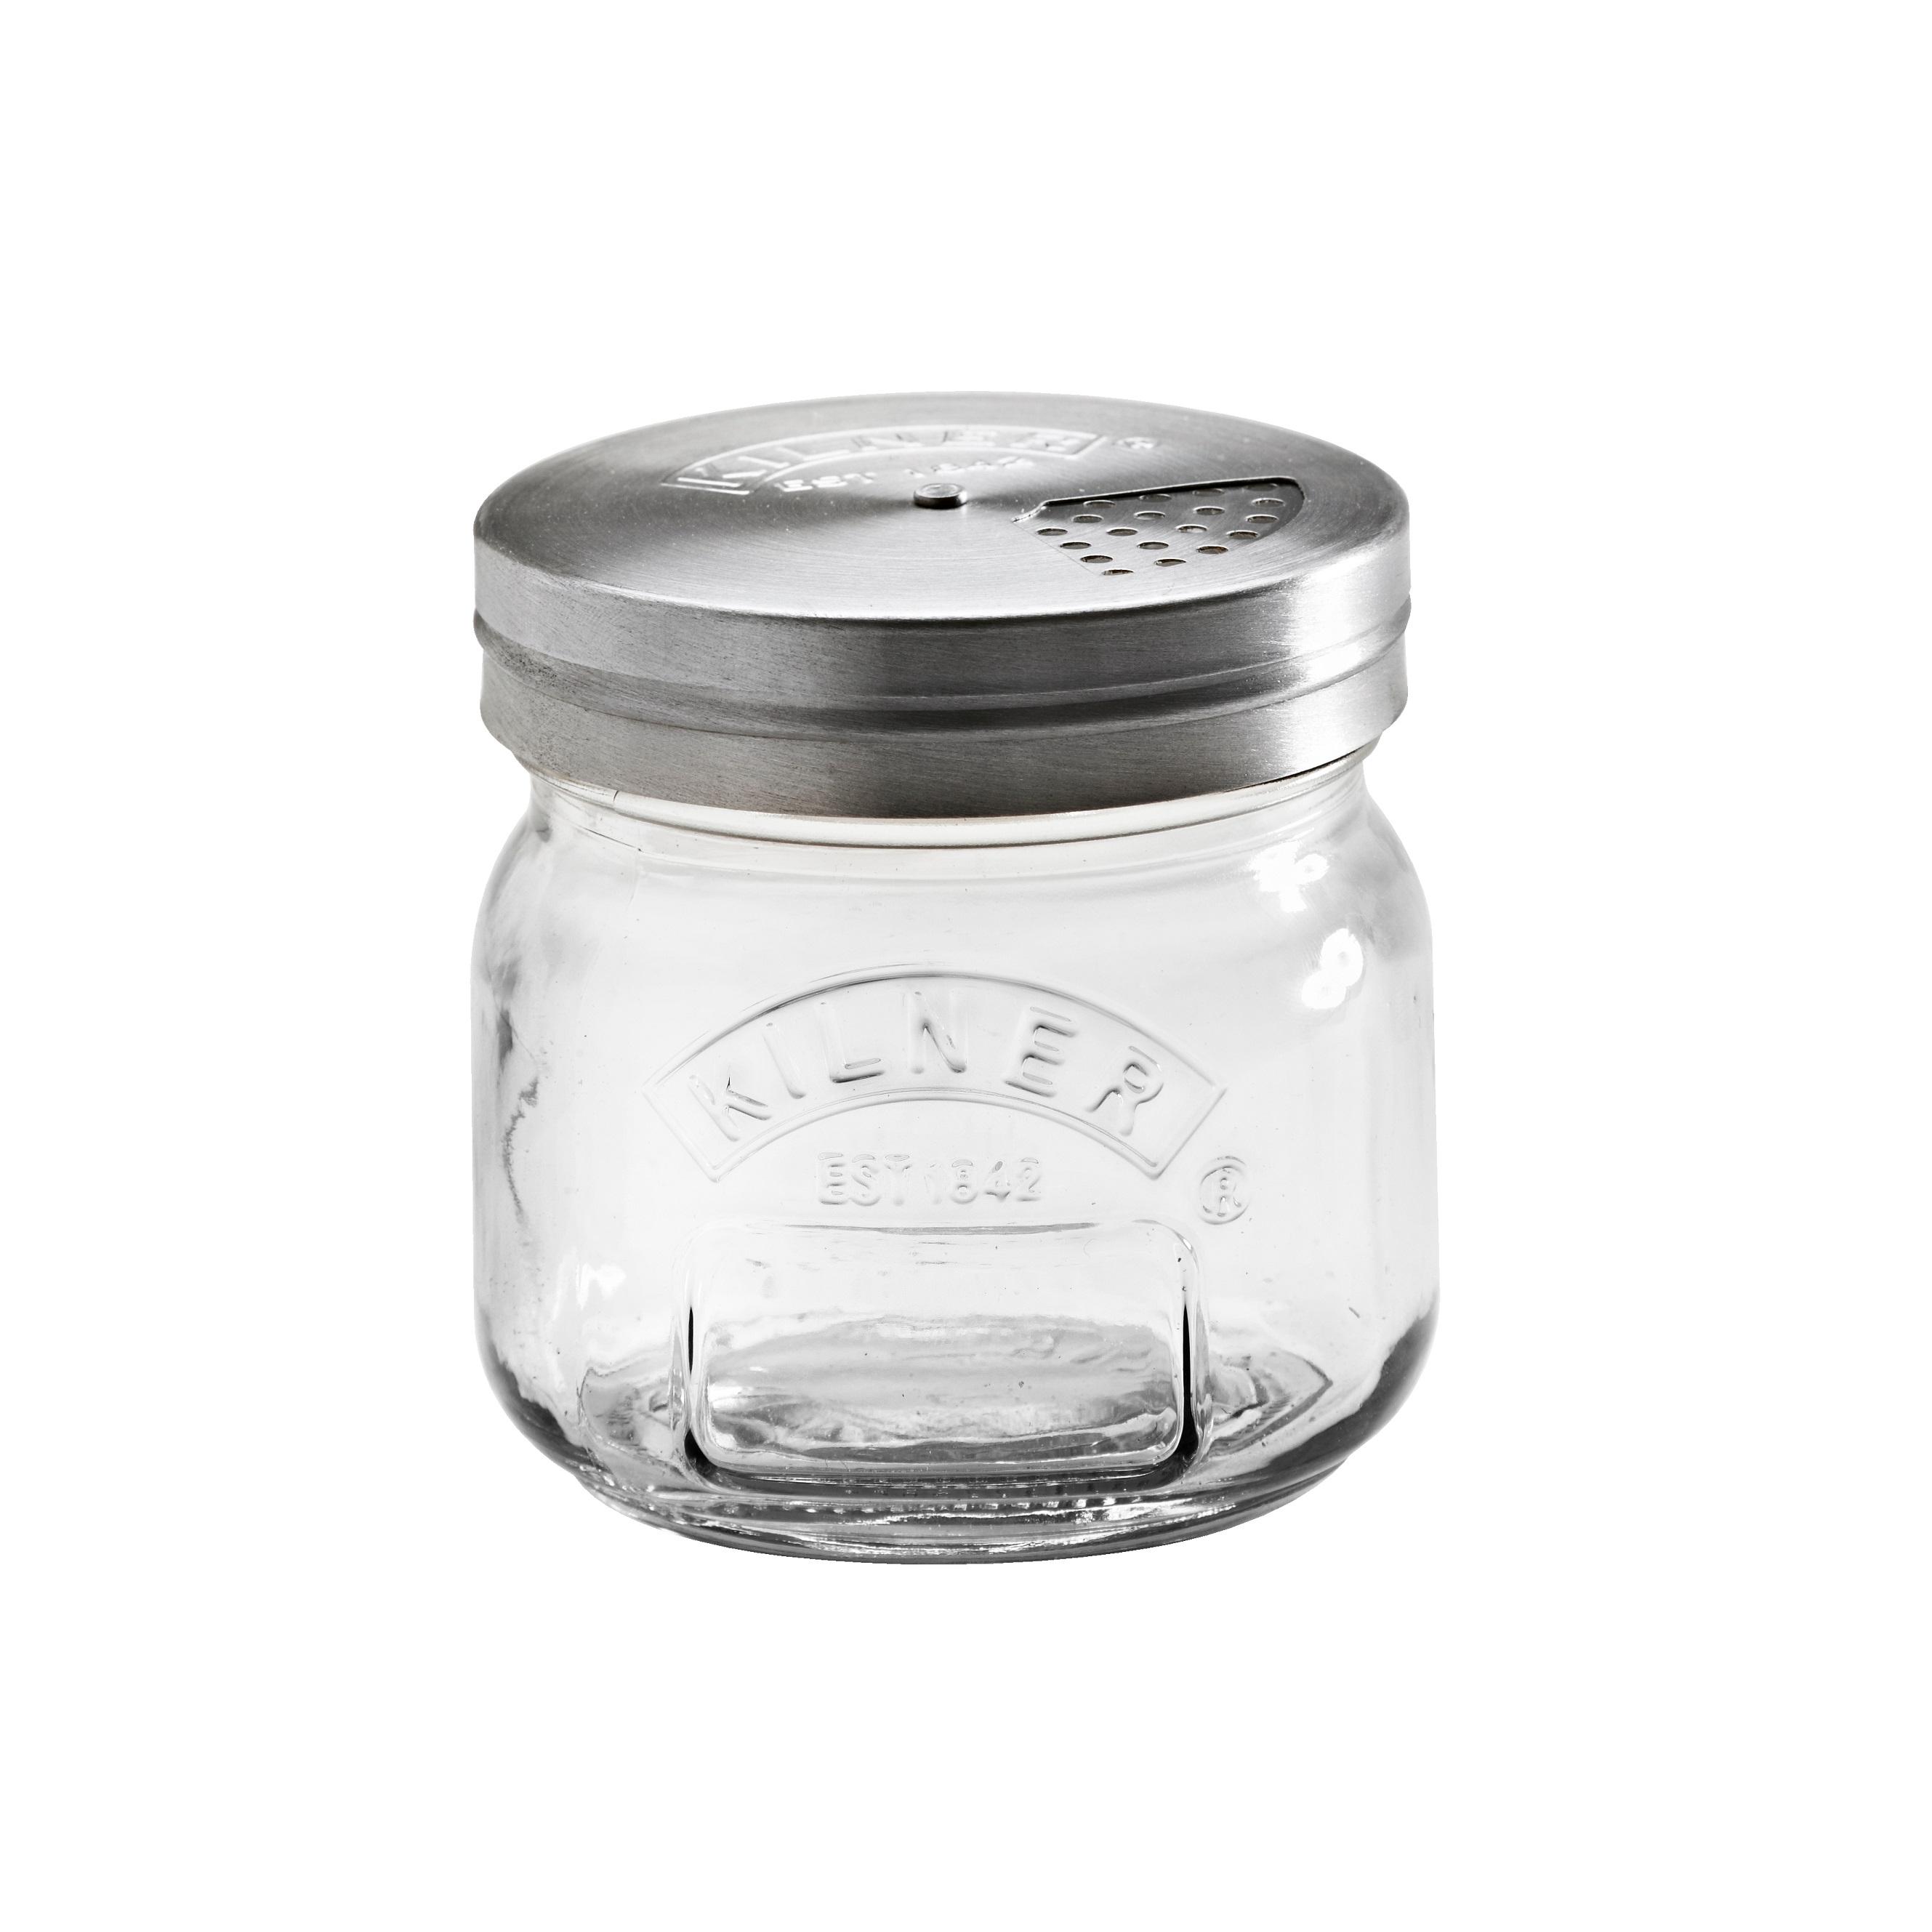 Glasskål Ströare